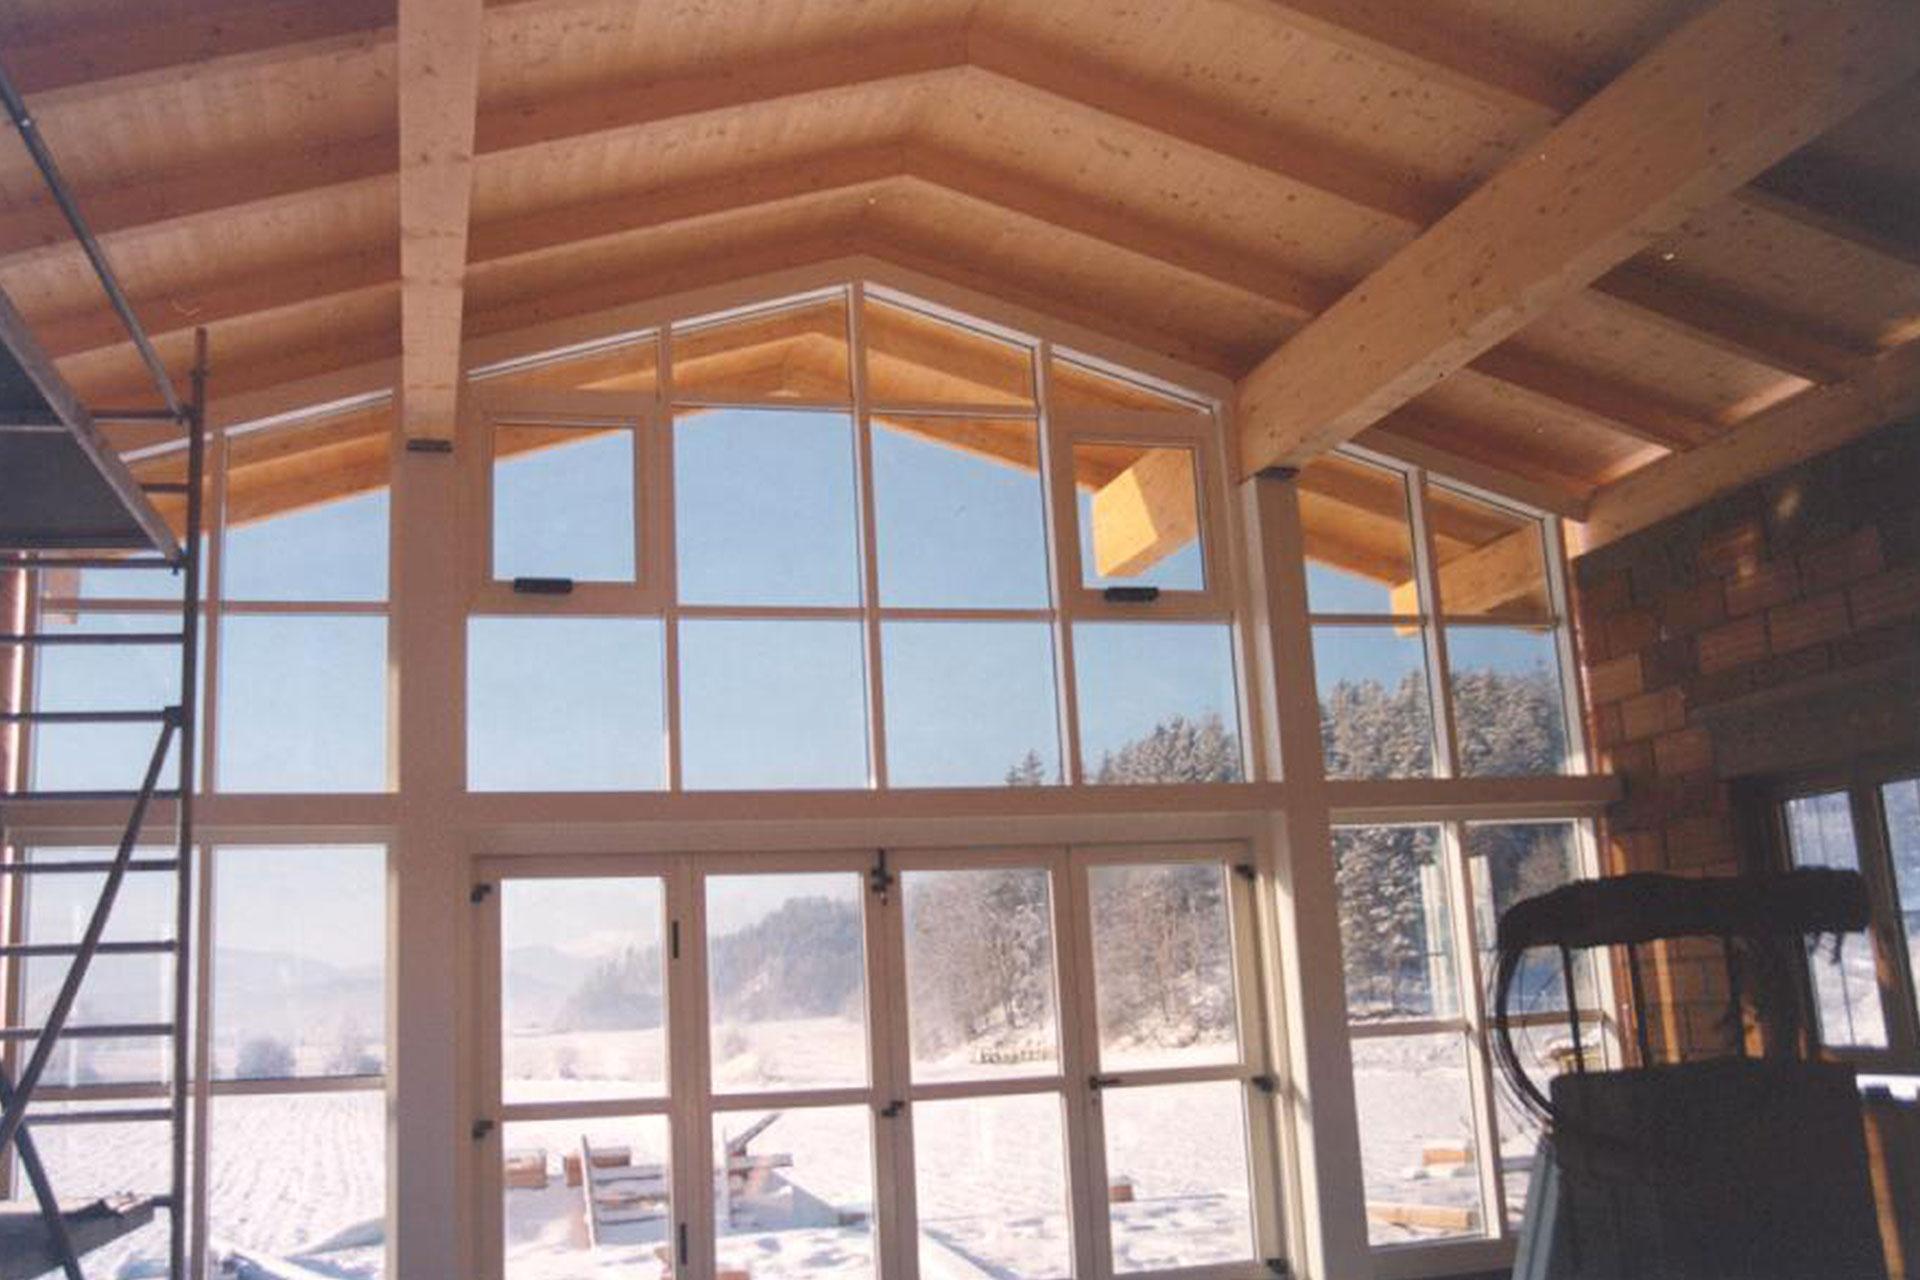 Giardino d'inverno winter garden serramenti alluminio taglio termico baita